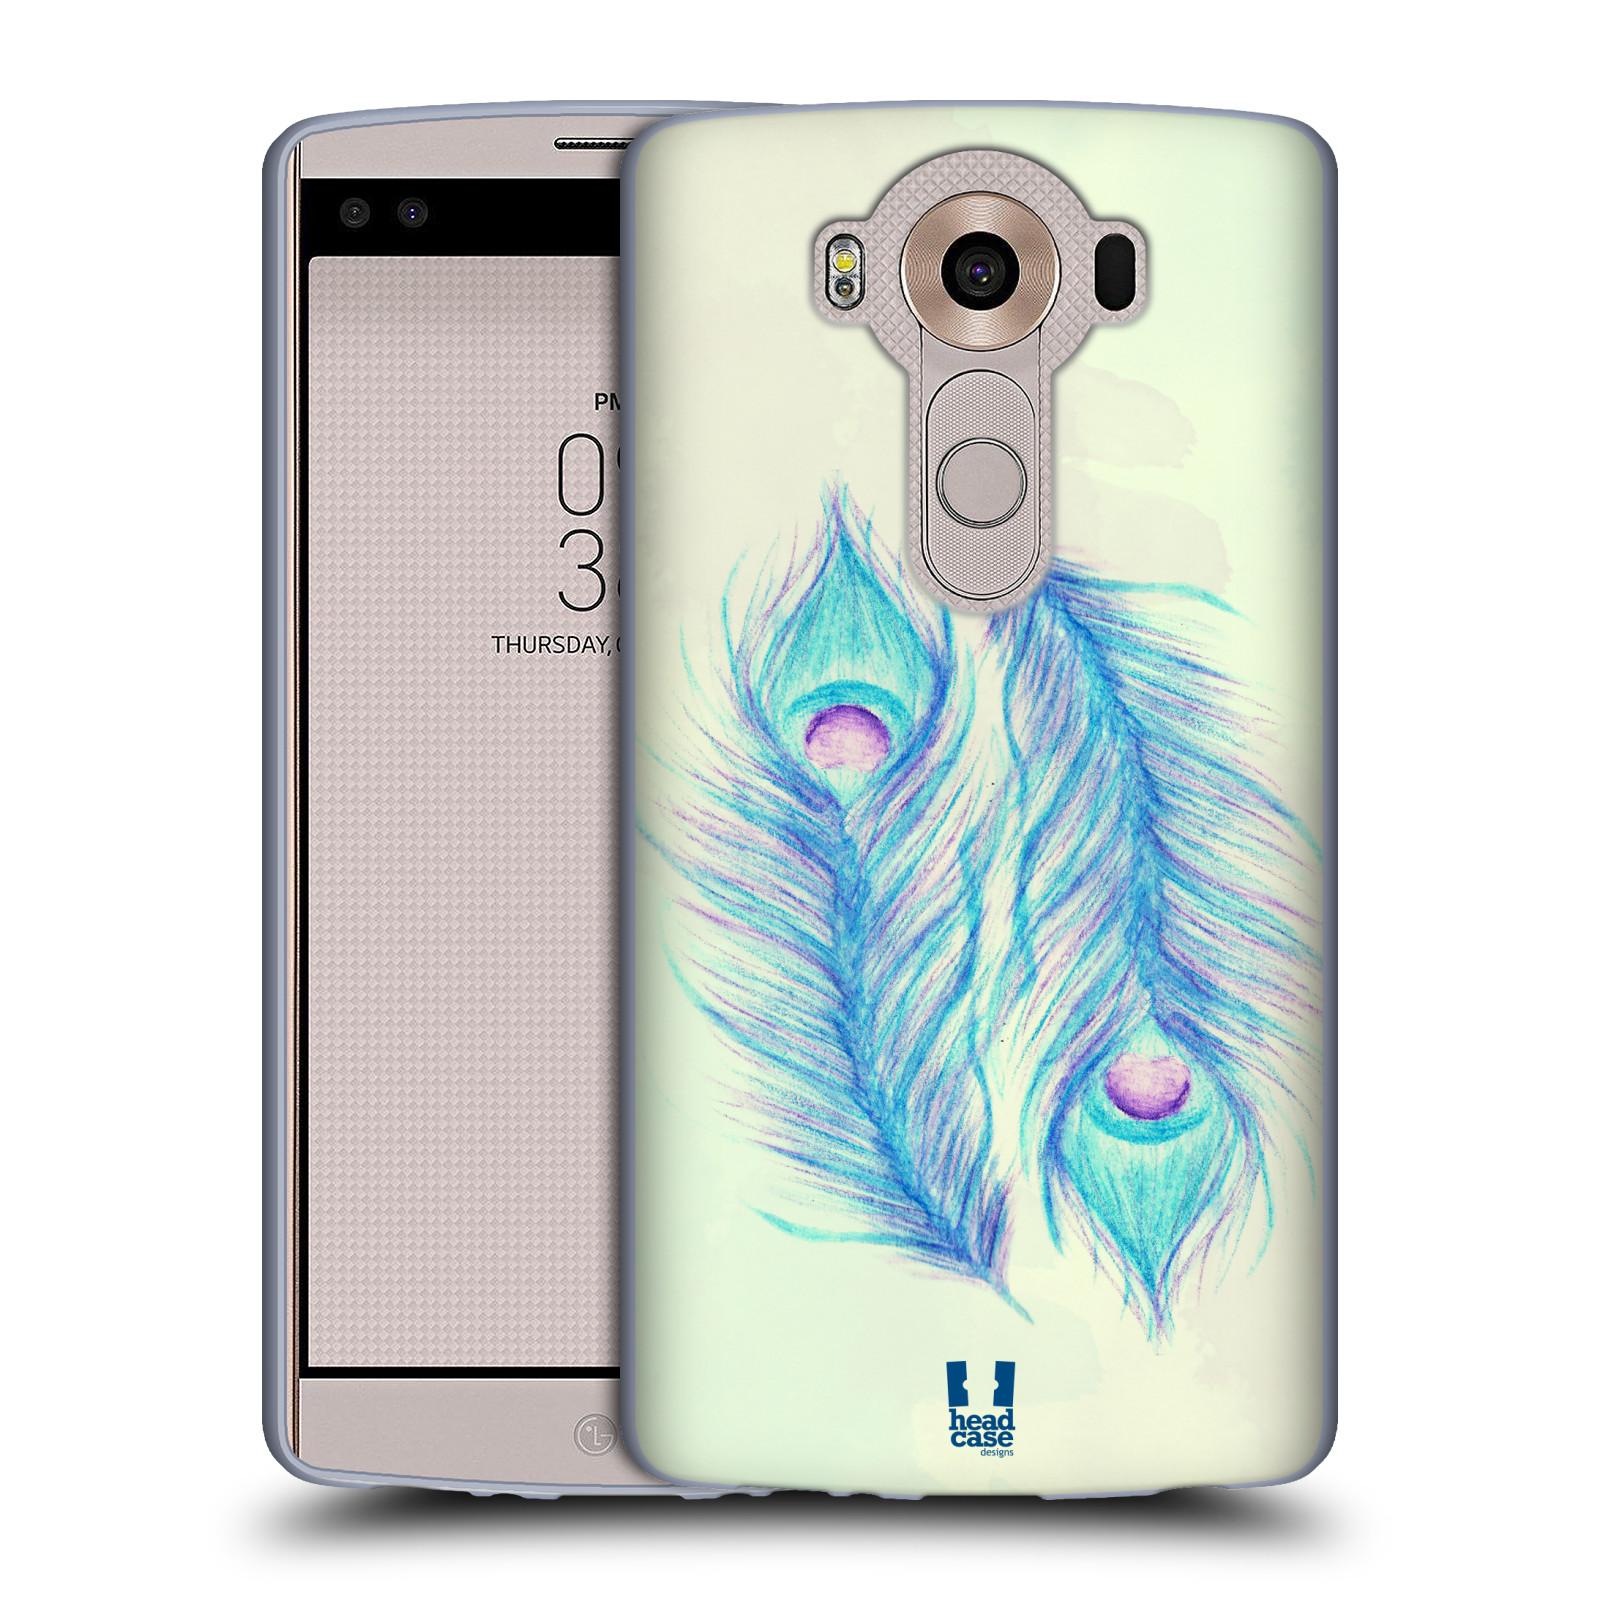 HEAD CASE silikonový obal na mobil LG V10 (H960A) vzor Paví pírka barevná MODRÁ PÁR